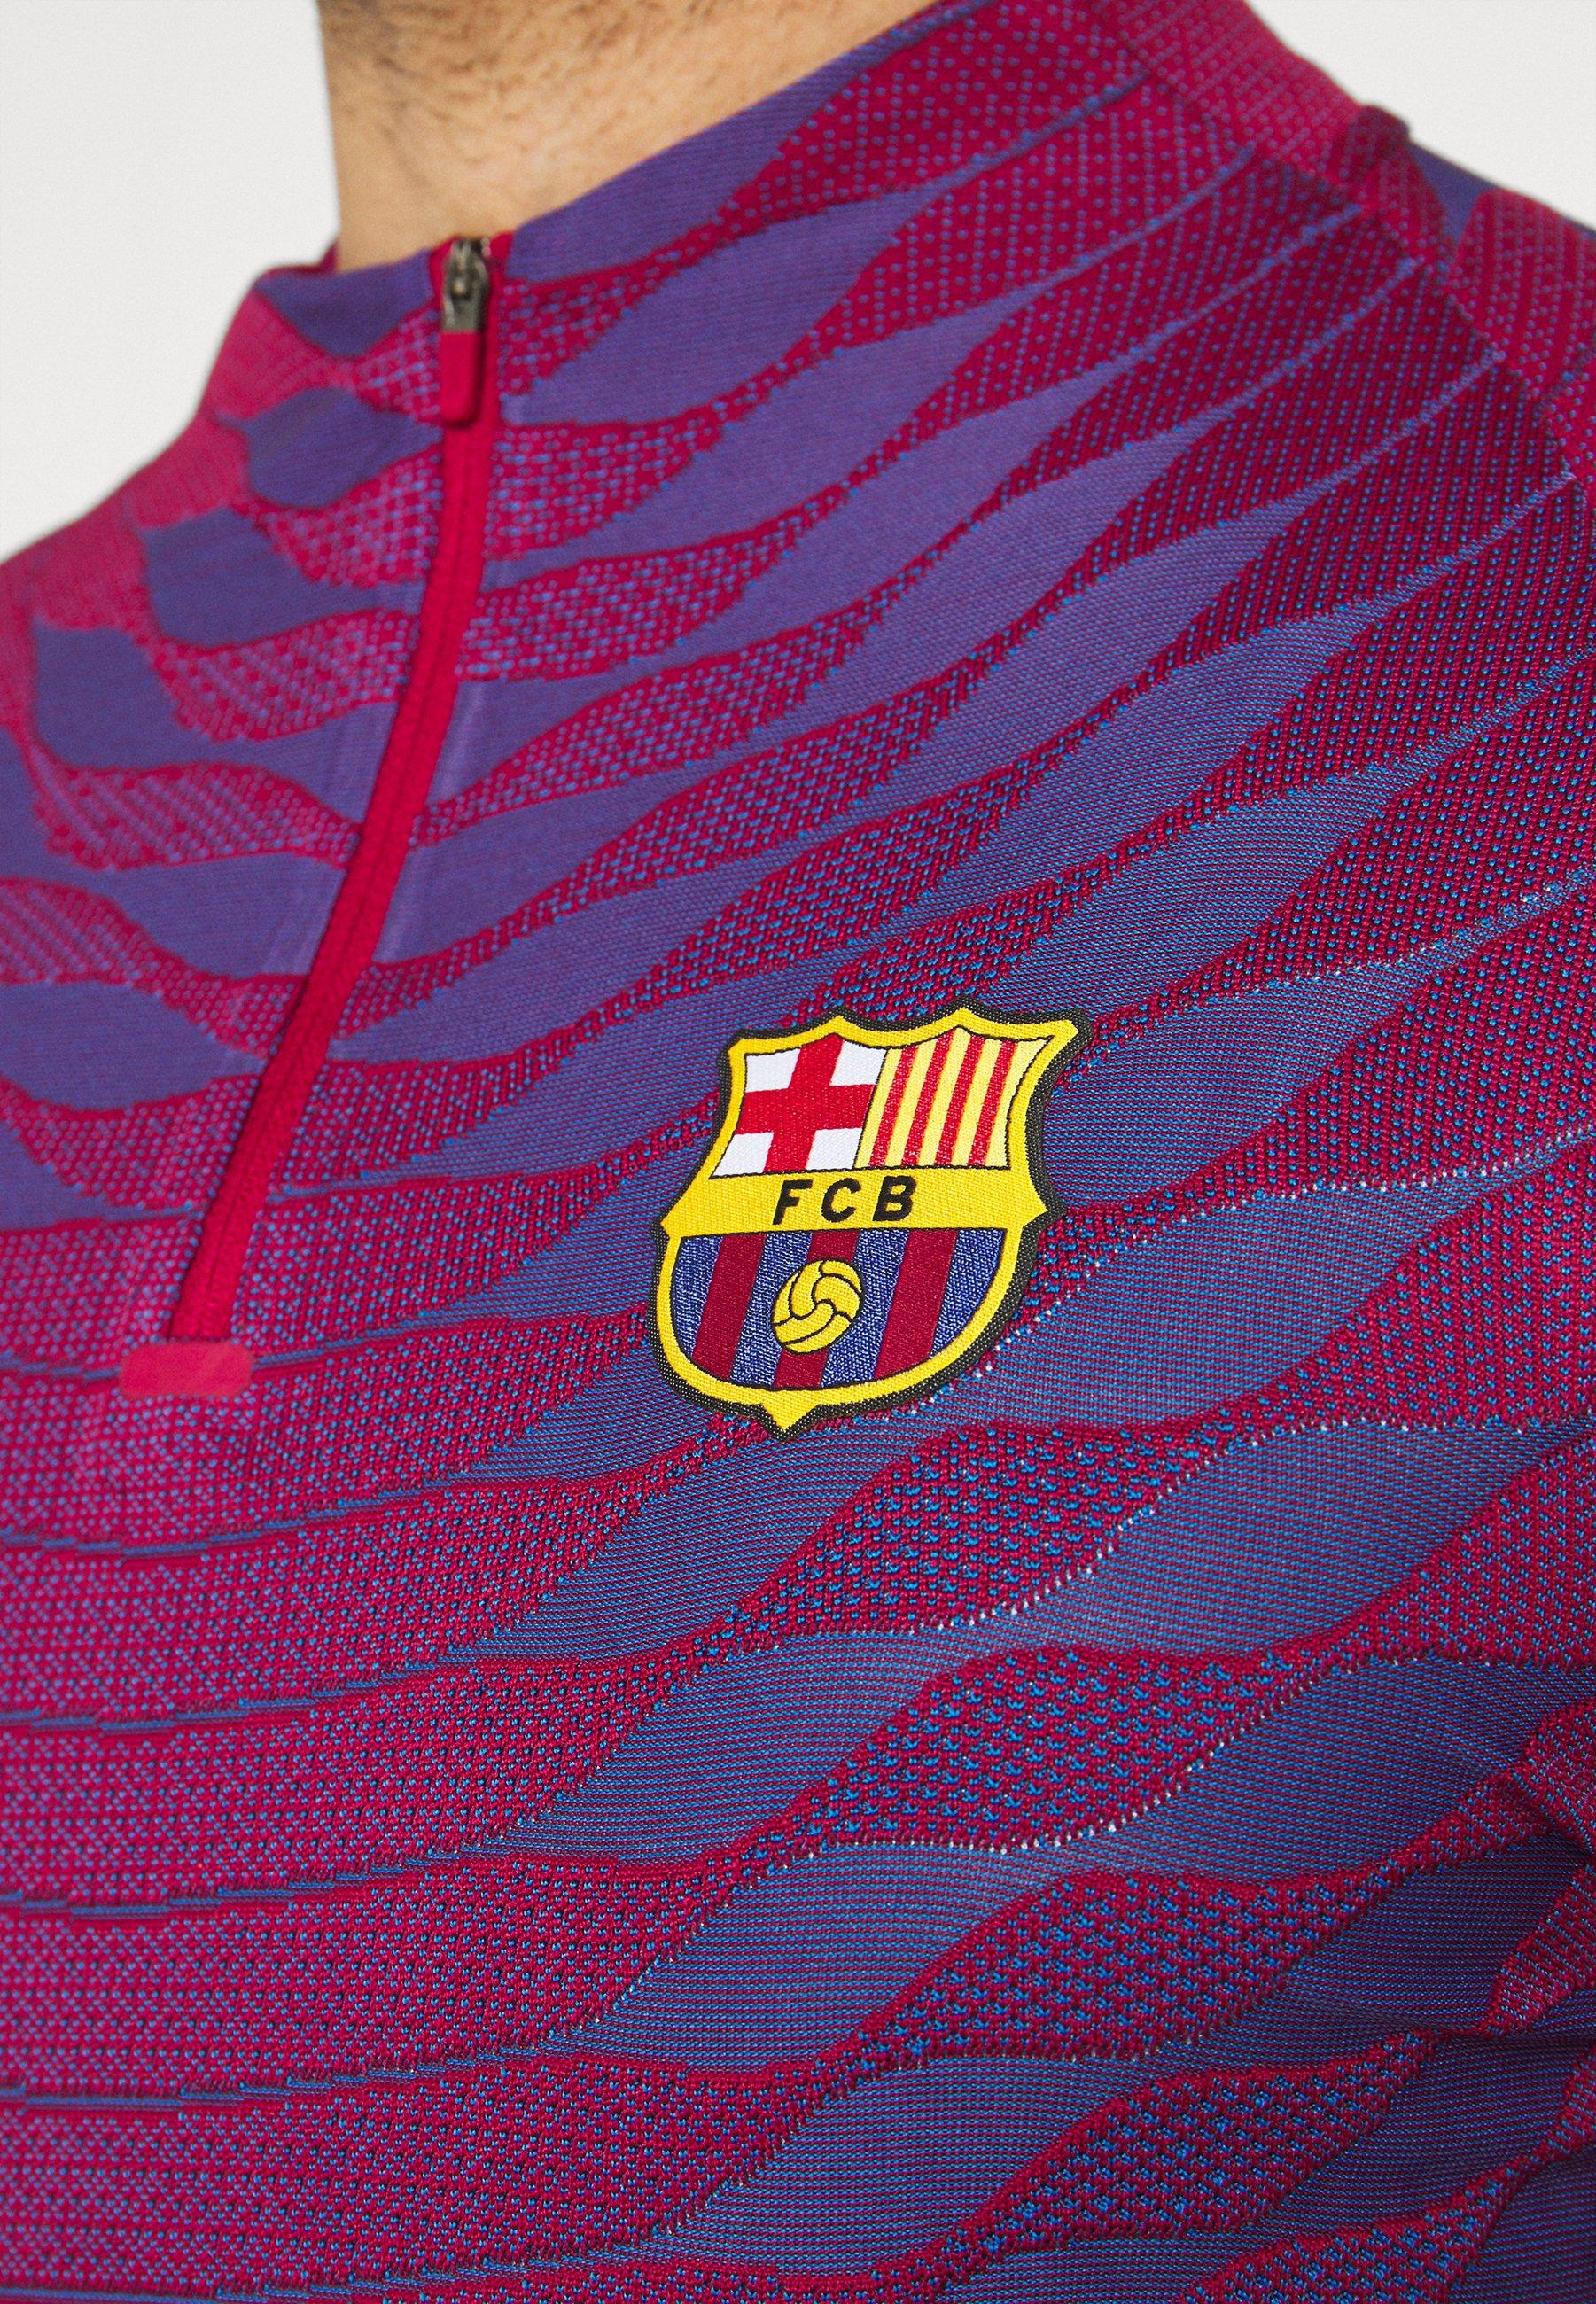 Herrer FC BARCELONA ELITE  - Klubtrøjer